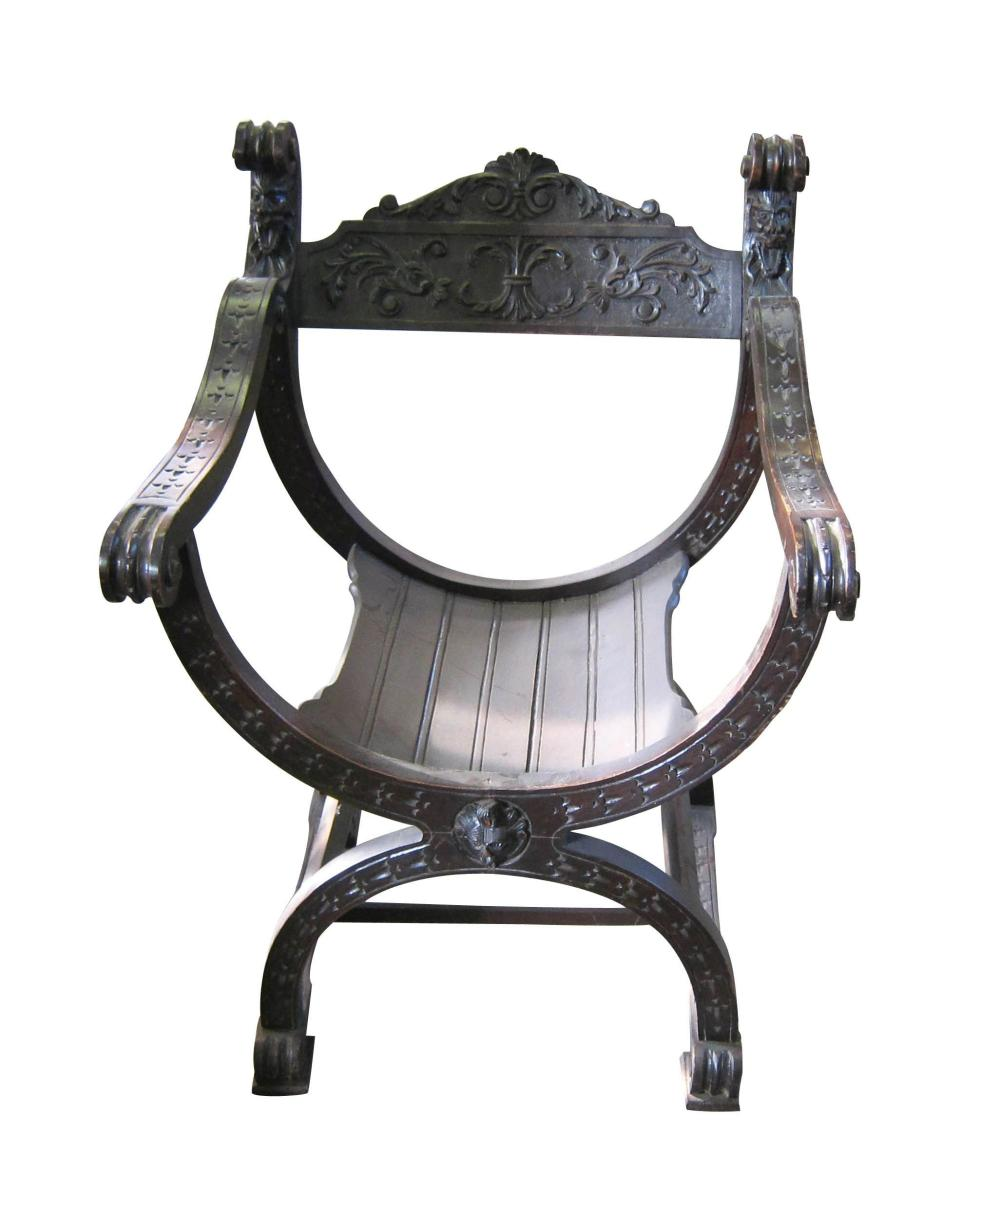 Renaissance-style savonarola armchair